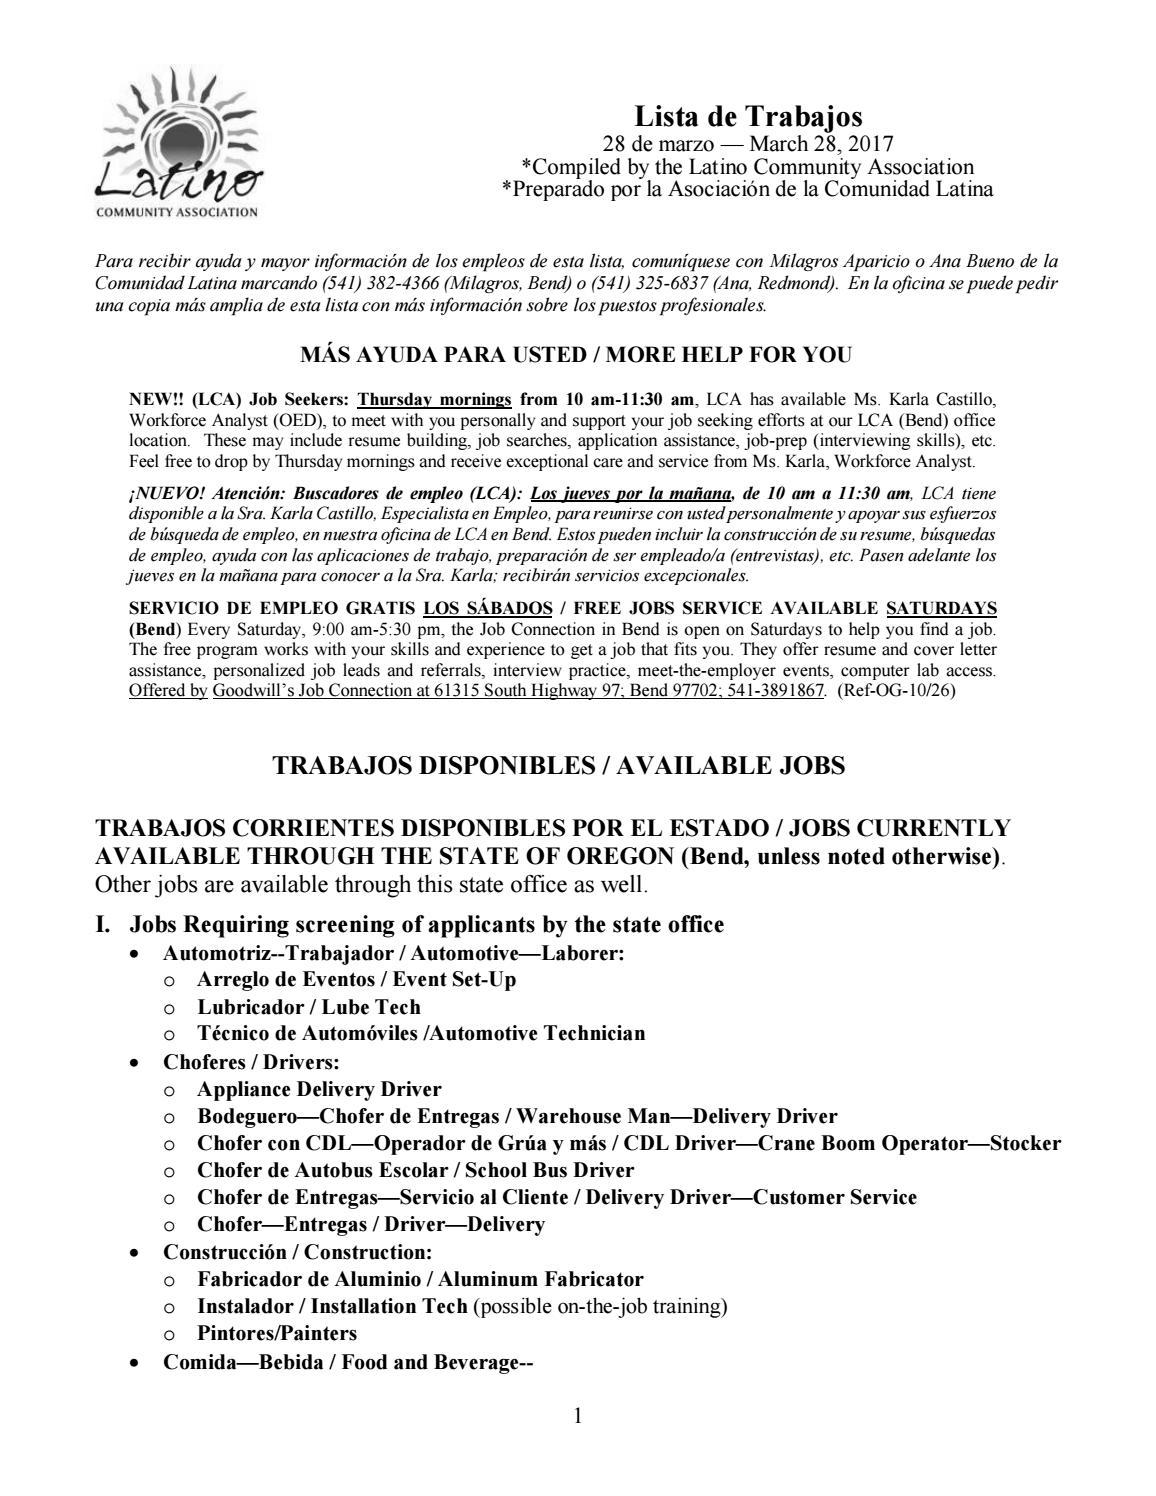 Lista De Trabajos 3 28 17 By Latino Community Association Issuu